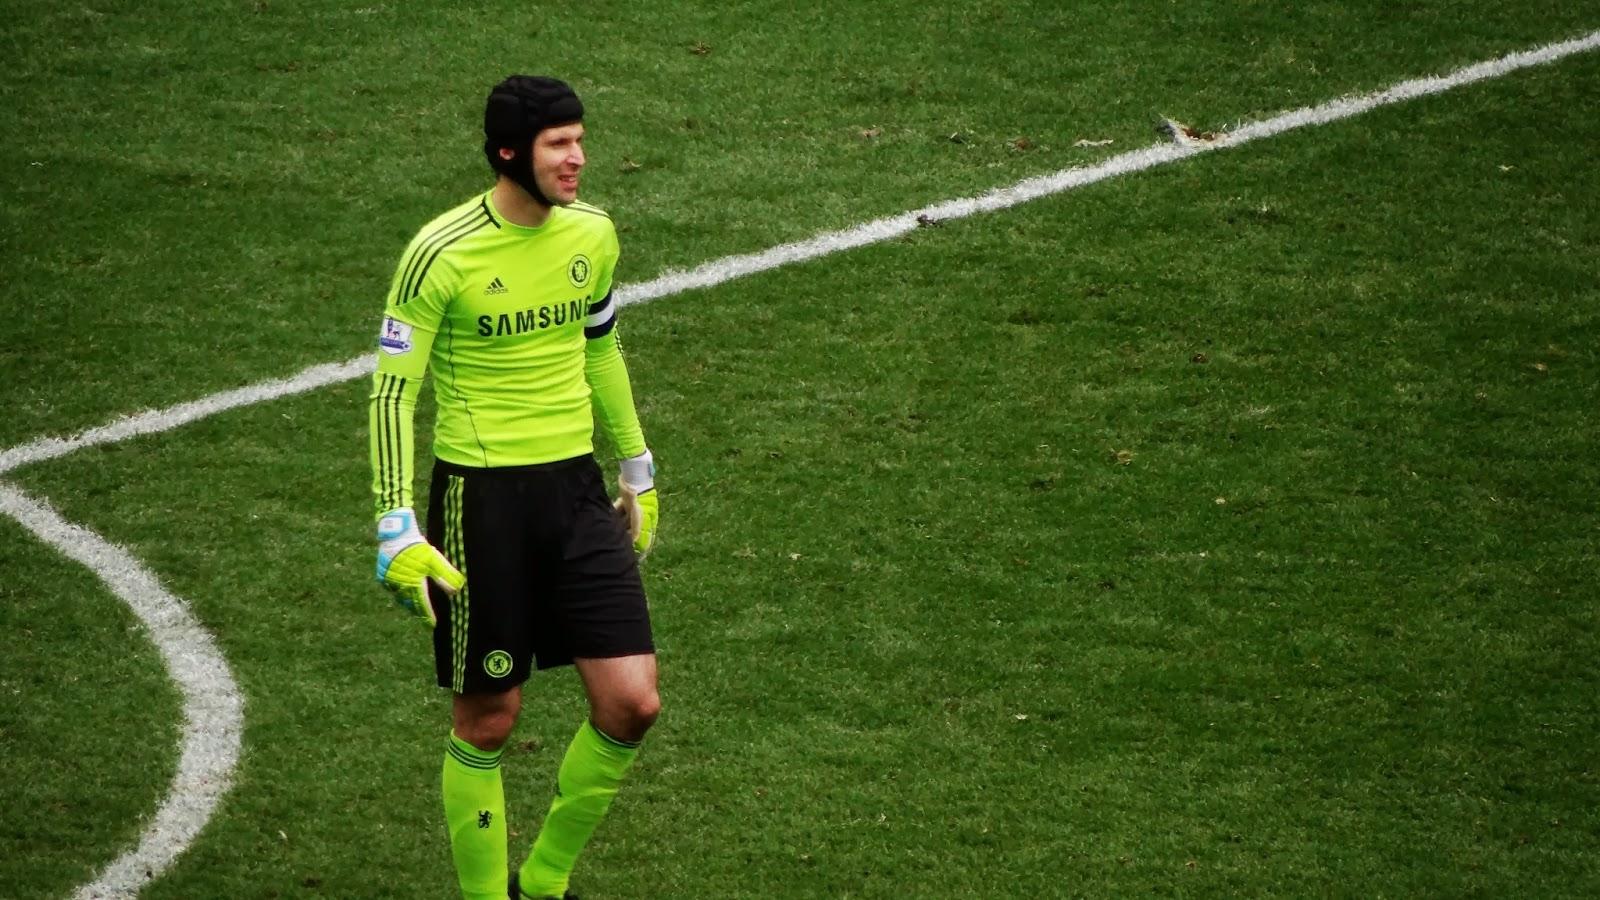 Petr Čech o 5° melhor goleiro do pro evolution soccer 2013.